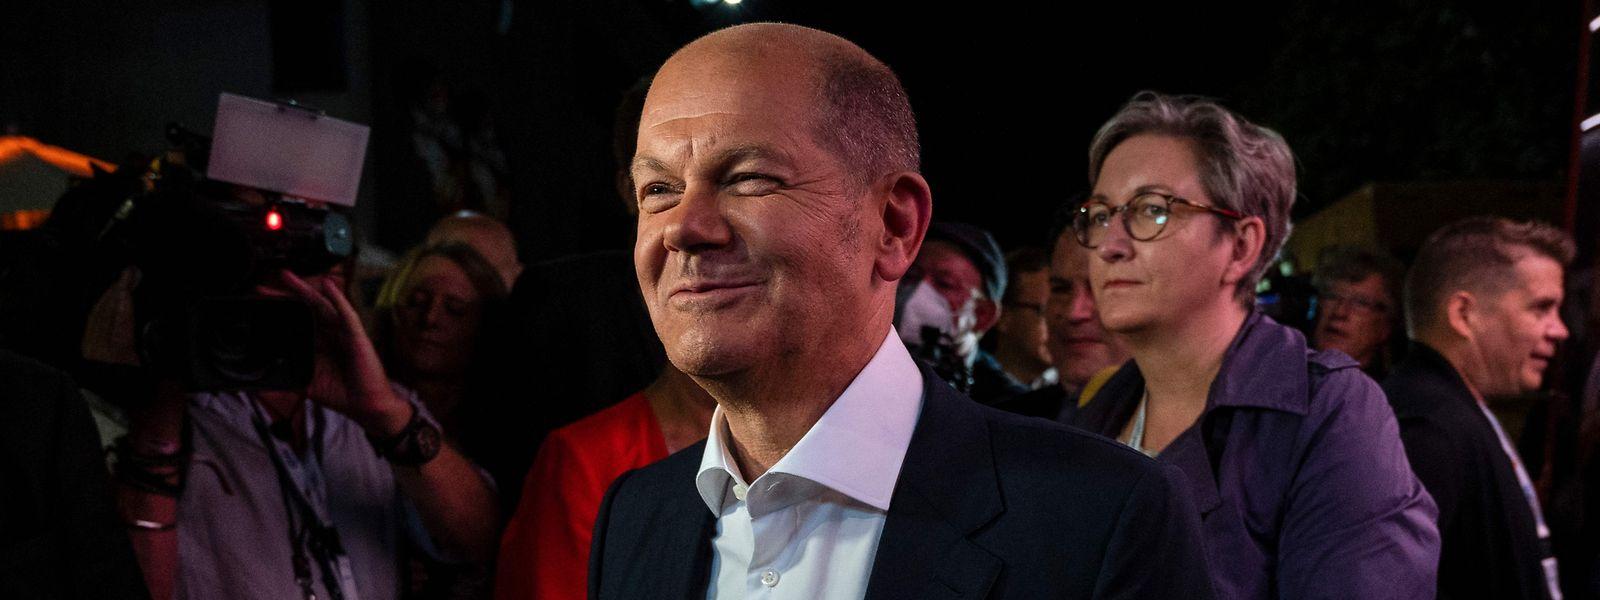 SPD-Kanzlerkandidat Olaf Scholz hat nach dem zweiten TV-Triell gut lachen: Umfragen sehen ihn auch als Sieger des zweiten TV-Triells.